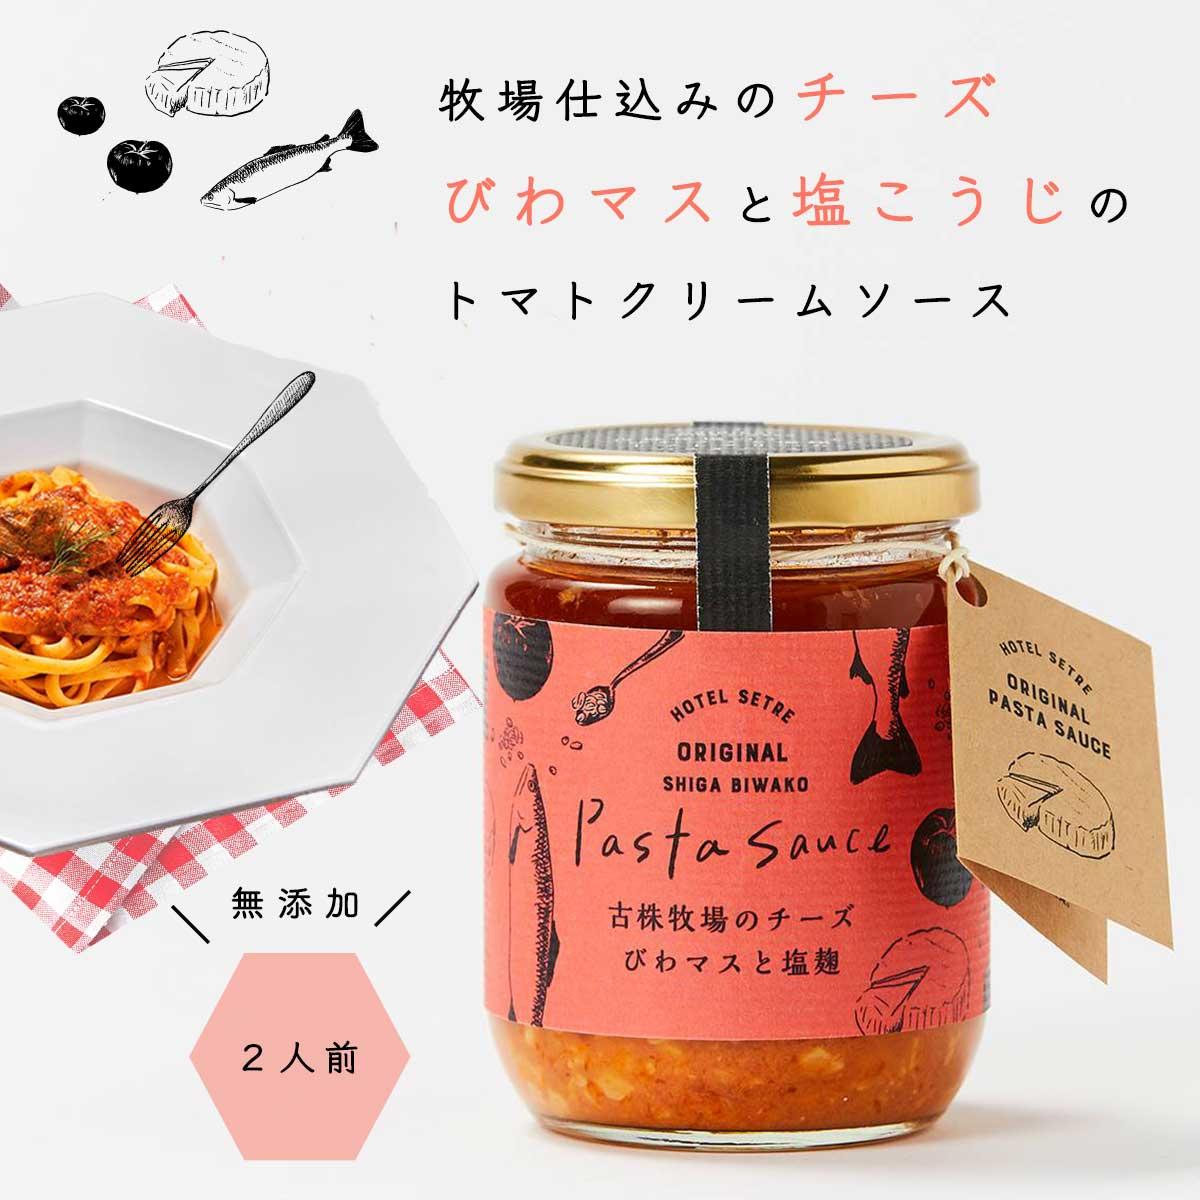 まぜるだけで簡単 ホテルシェフのレシピで本格パスタを自宅で再現!日本チーズ大会の金賞受賞歴のある古株牧場の濃厚なチーズとトマトの酸味がマッチする、無添加パスタソースです。 パスタソース|古株牧場のチーズ びわマスと塩麹のトマトクリームソース(200g)化学調味料 無添加|発酵食品好きにおすすめの濃厚なパスタをおうちごはんトマトパスタ|パスタギフトや手土産に|スパゲティソース|塩こうじ|ご当地|お土産